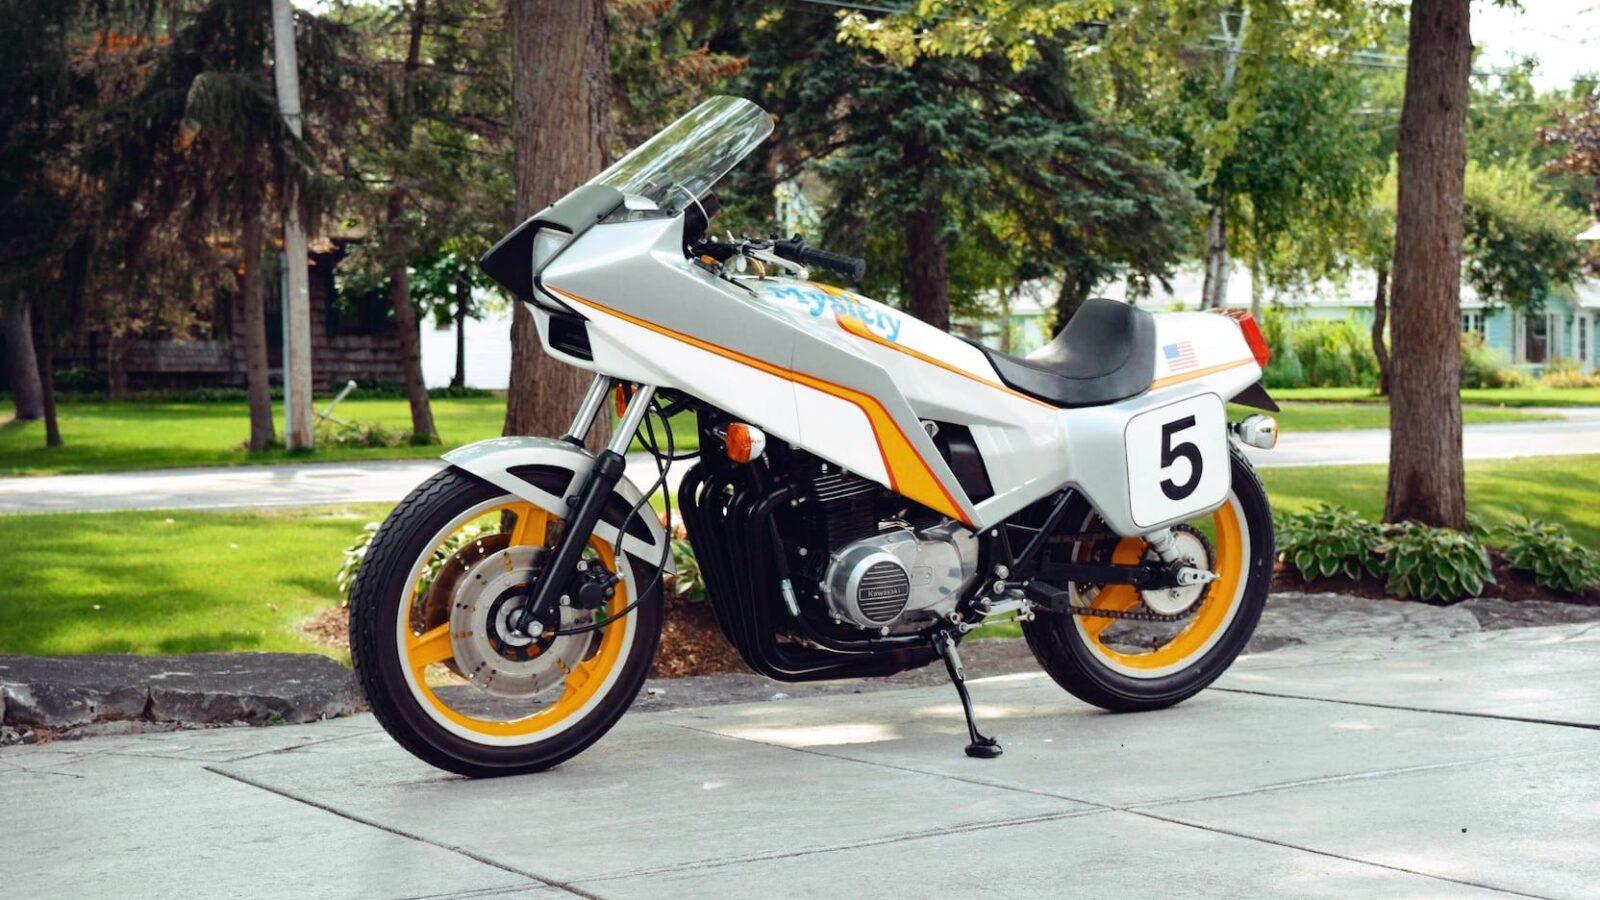 kawasaki mystery ship craig vetter motorcycle 5 1600x900 - 1980 Kawasaki Mystery Ship